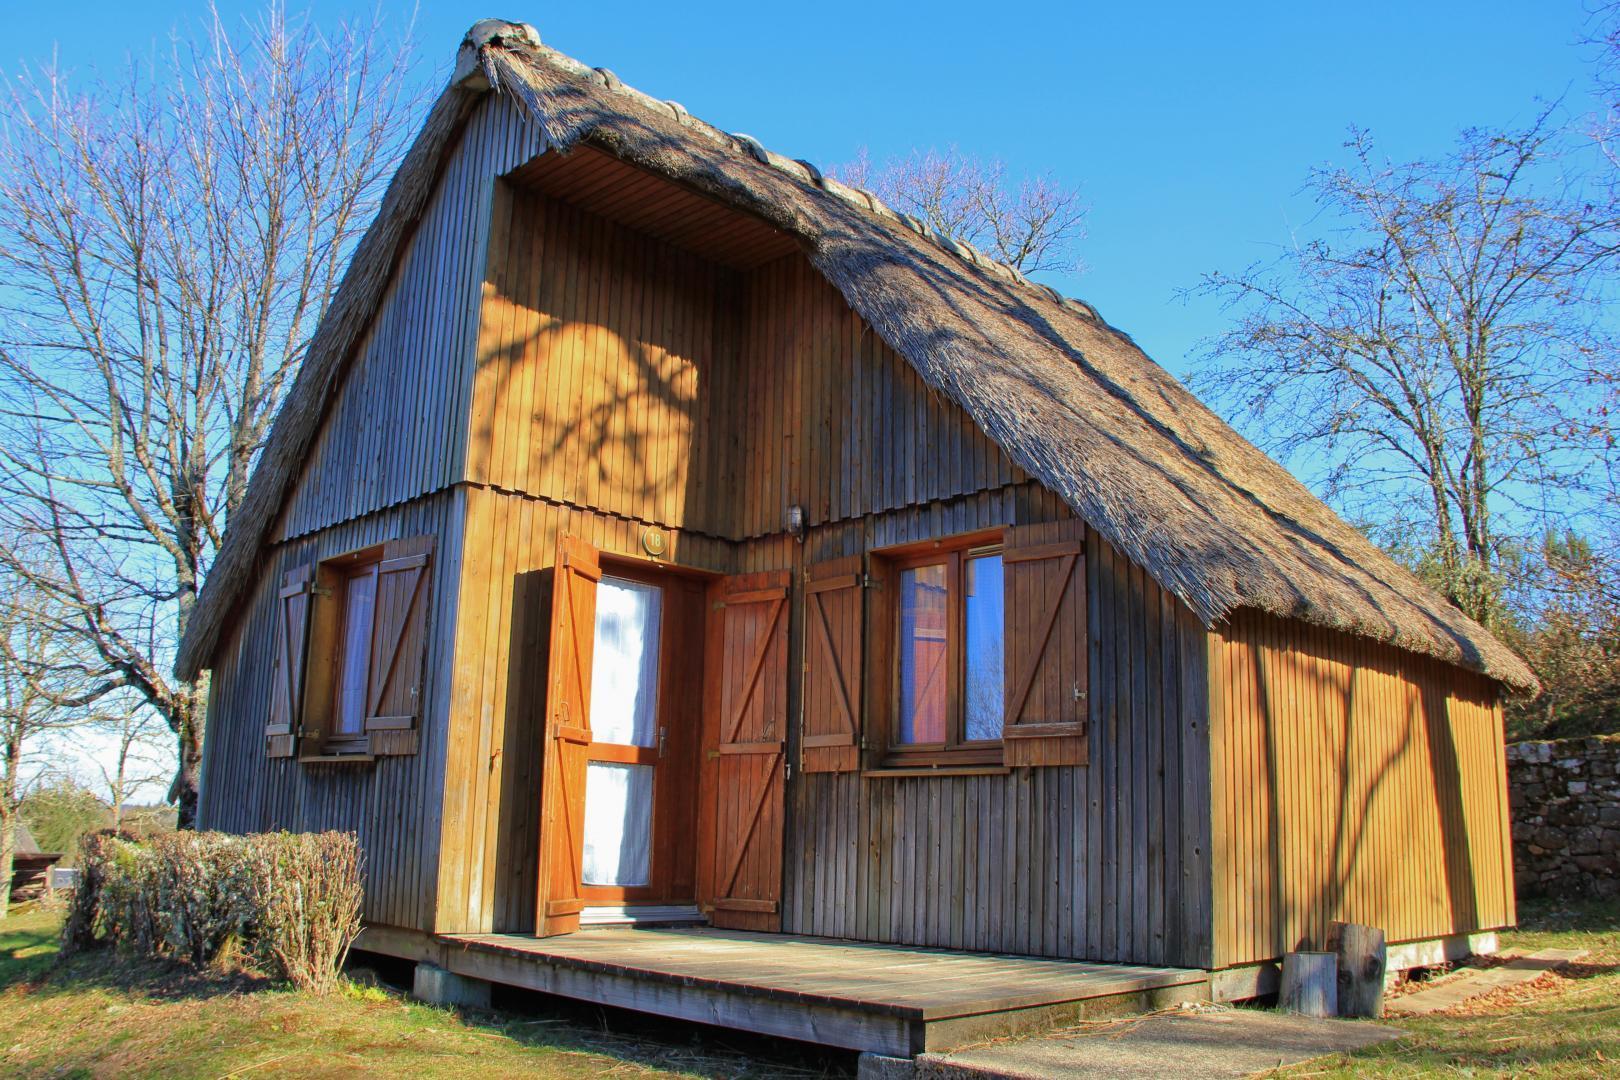 Photo Location Gîtes de France - GENTIOUX PIGEROLLES - 4 personnes - Réf : 23G518- GENTIOUX PIGEROLLES